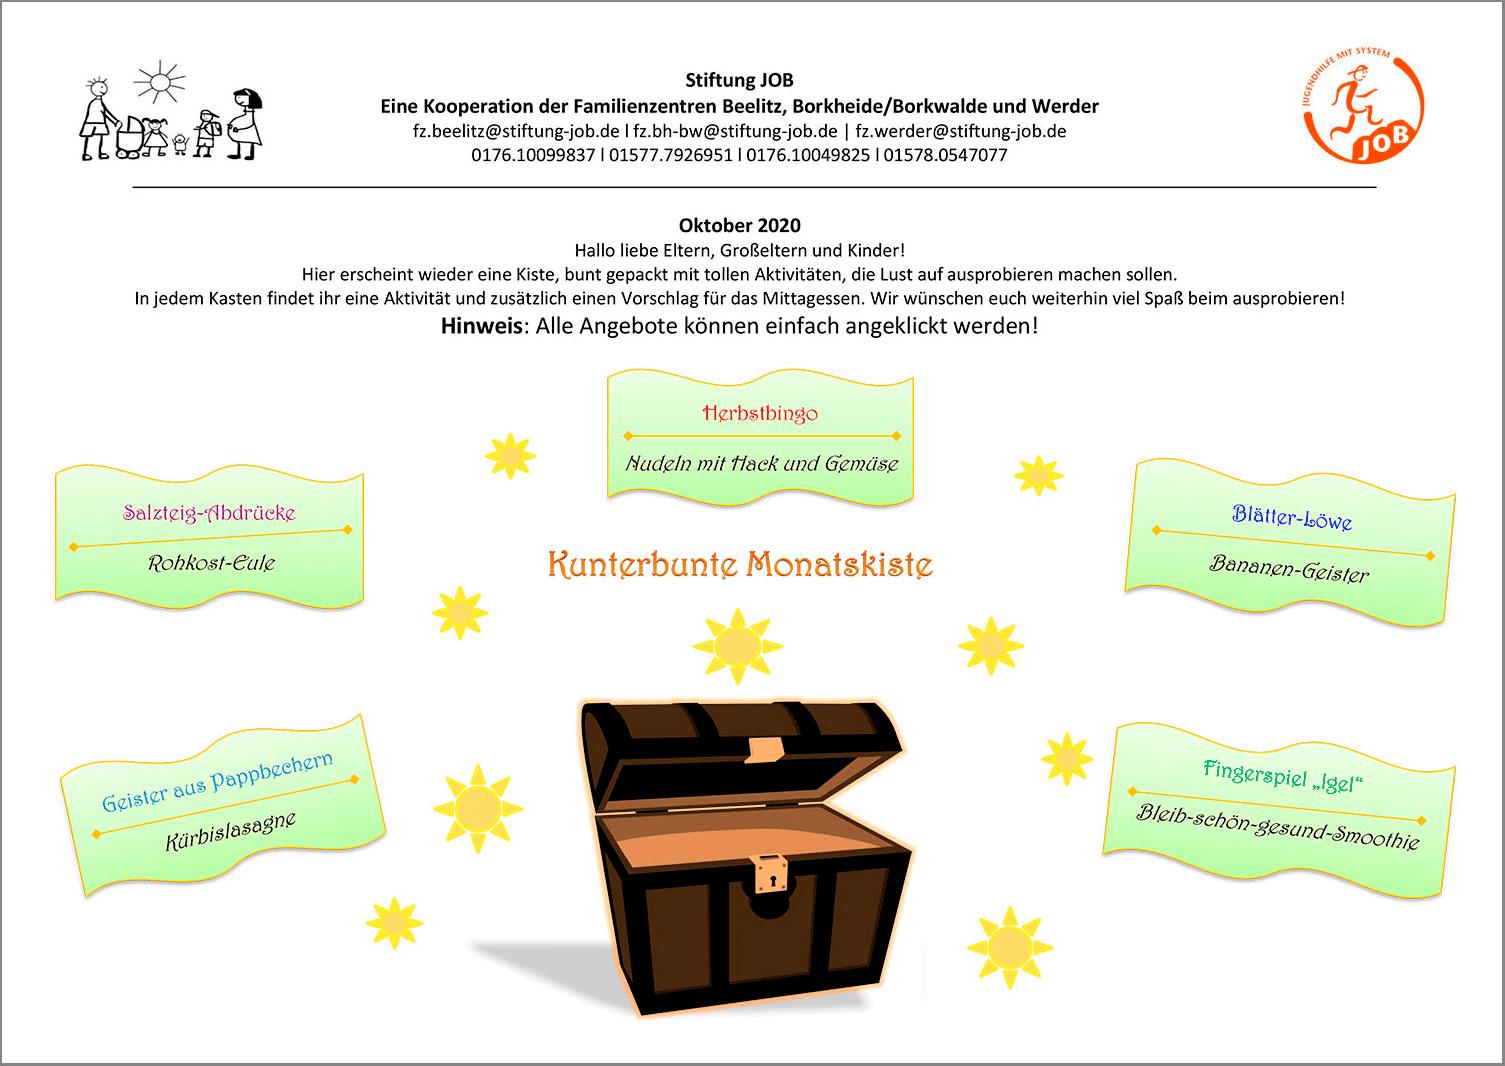 Kunterbunte_Monatskiste_Oktober_2020